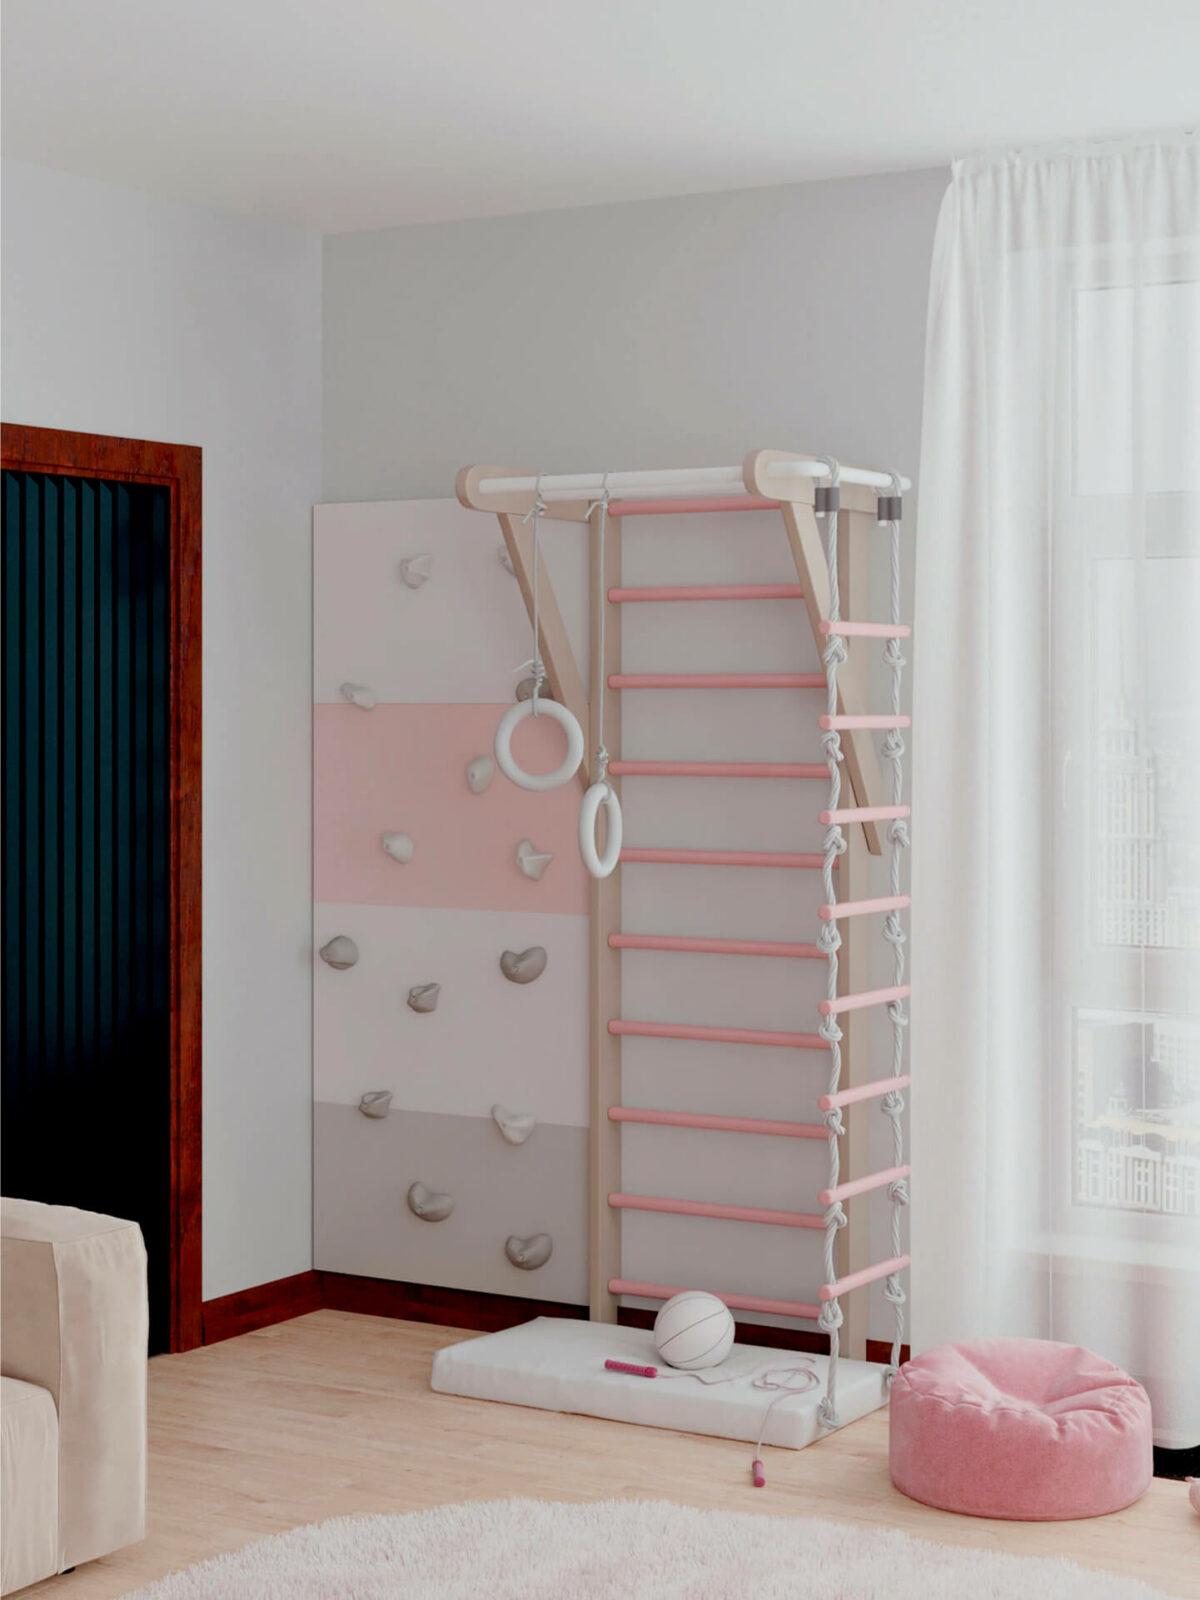 Мебель детской спальни 2 девочек проект 4359-10